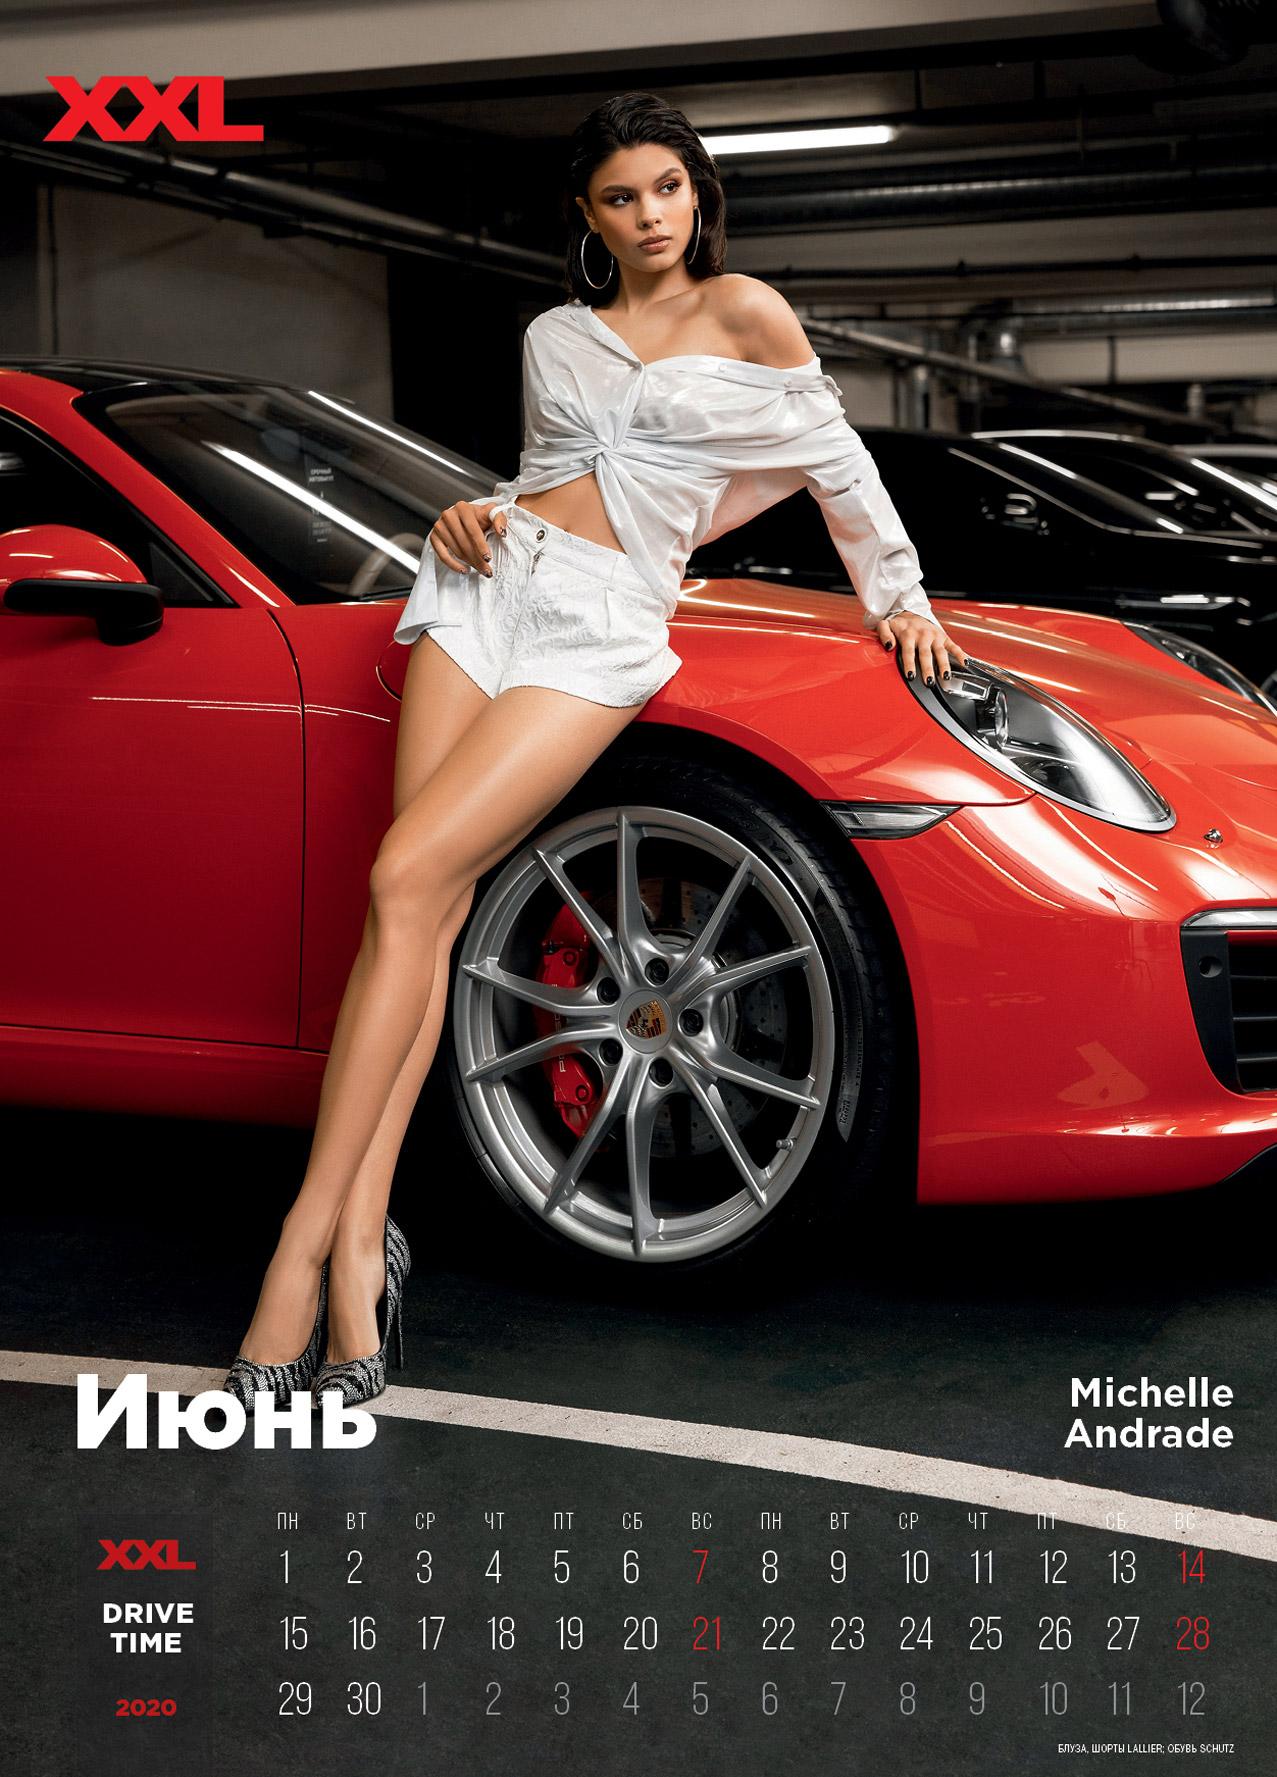 календарь журнала XXL Украина на 2020 год / июнь - Мишель Андраде